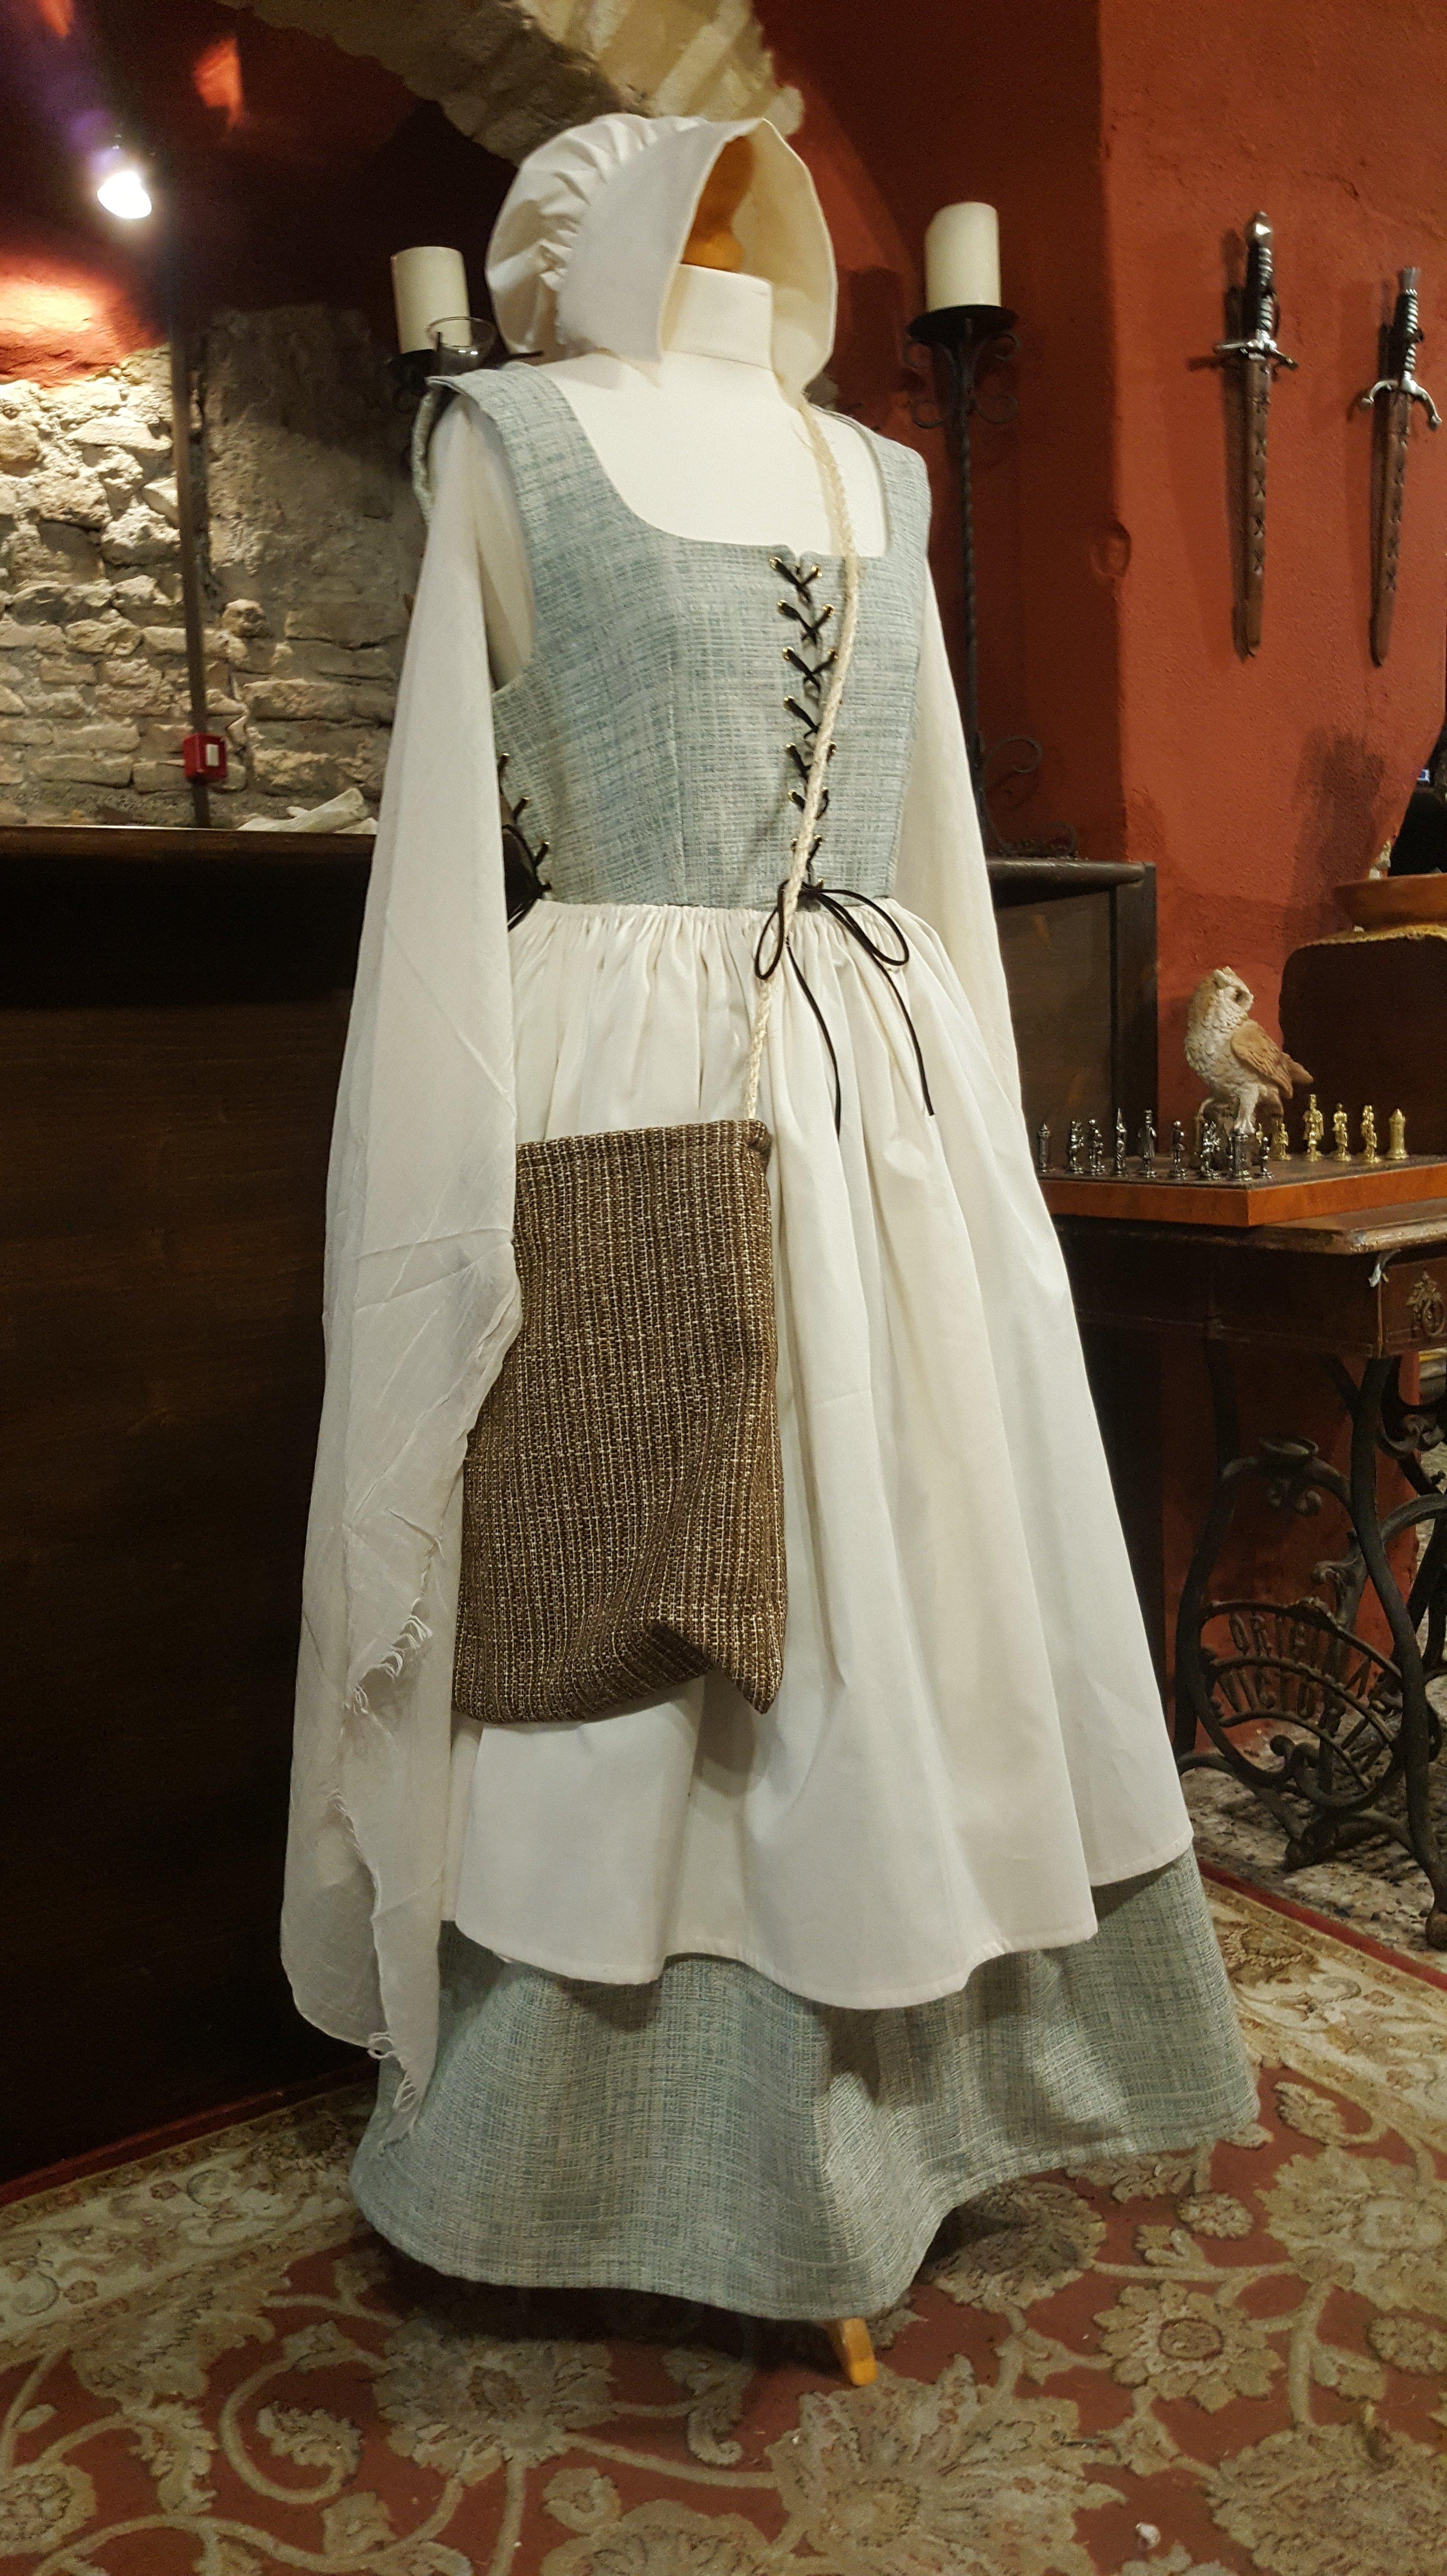 Vestito da popolana bianco con corpetto azzurro